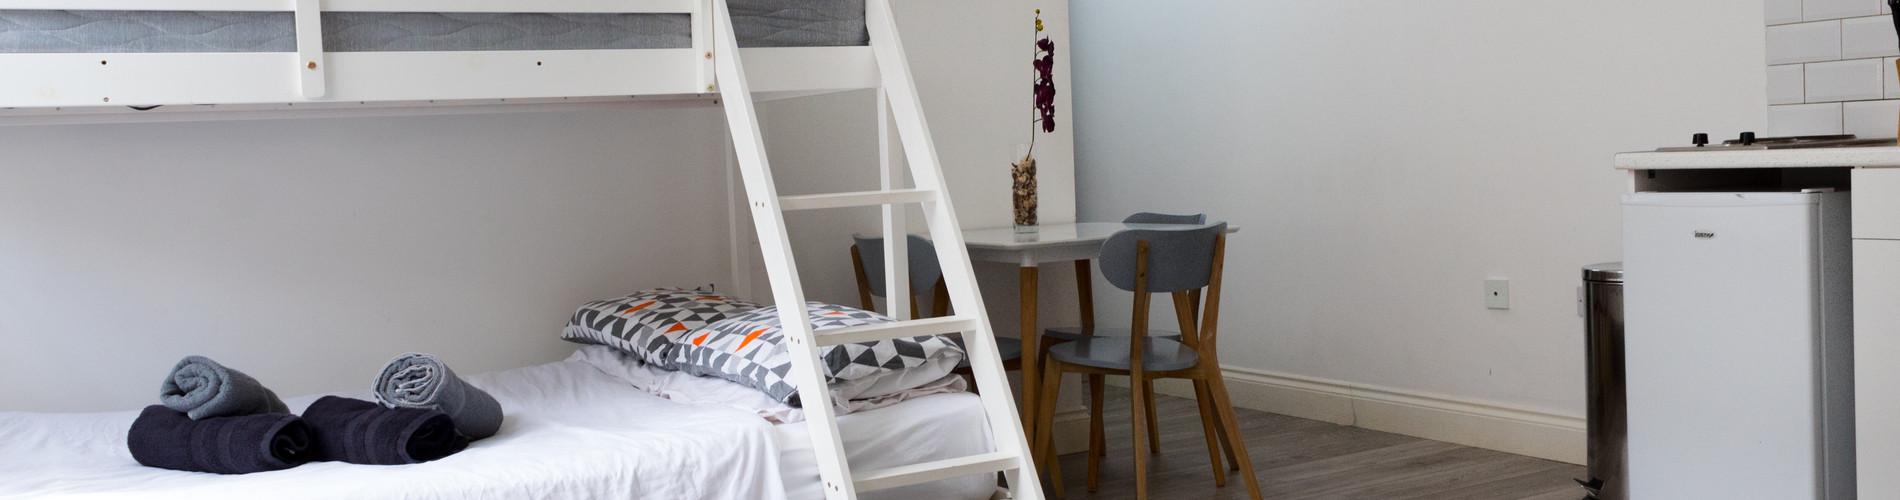 Vacation Rental Euston Studio Apartment #15